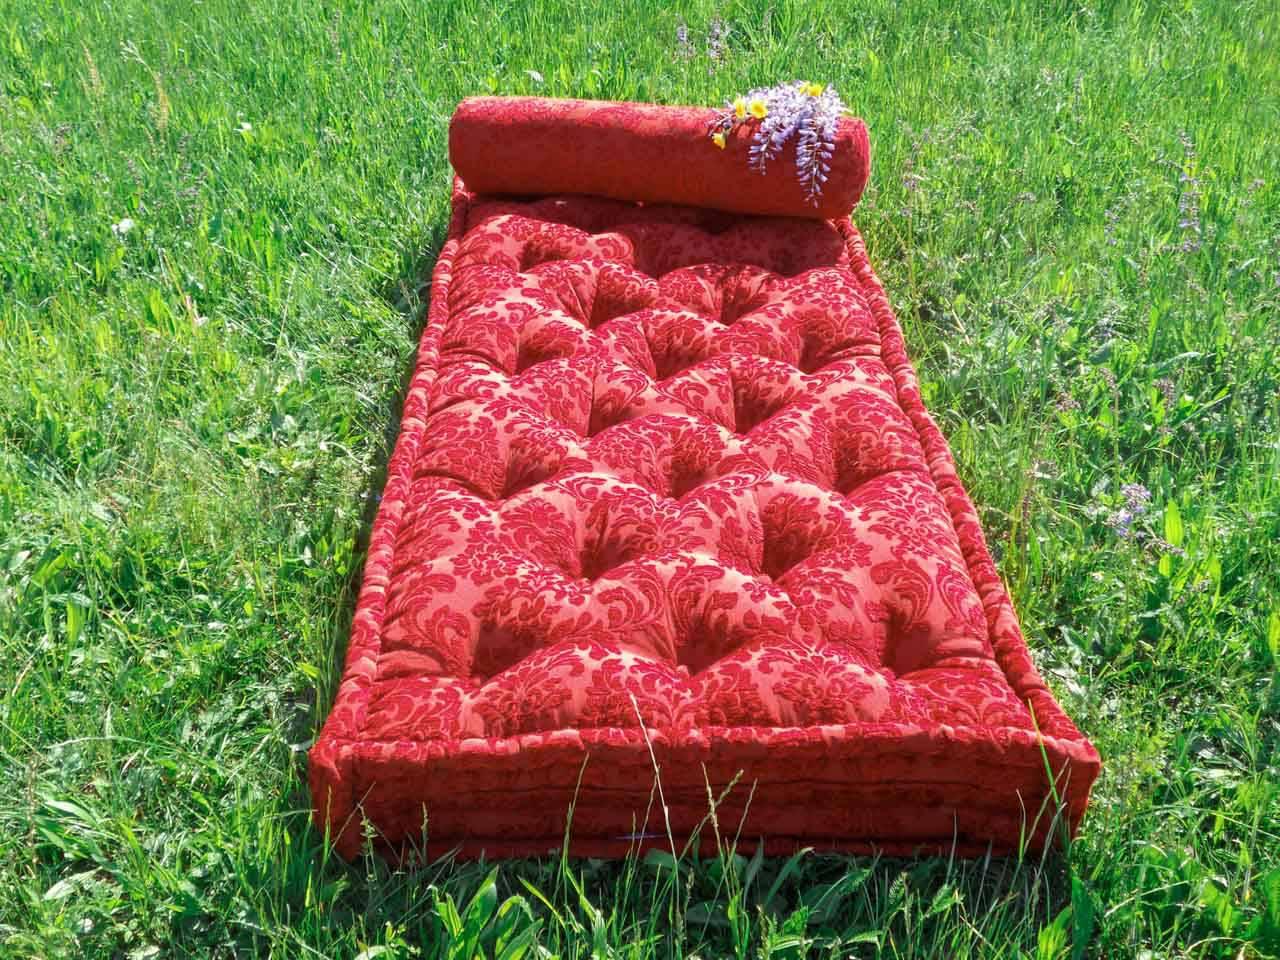 Materassi Colorati.Produzione Artigianale Di Materassi Anche Di Forme E Motivi